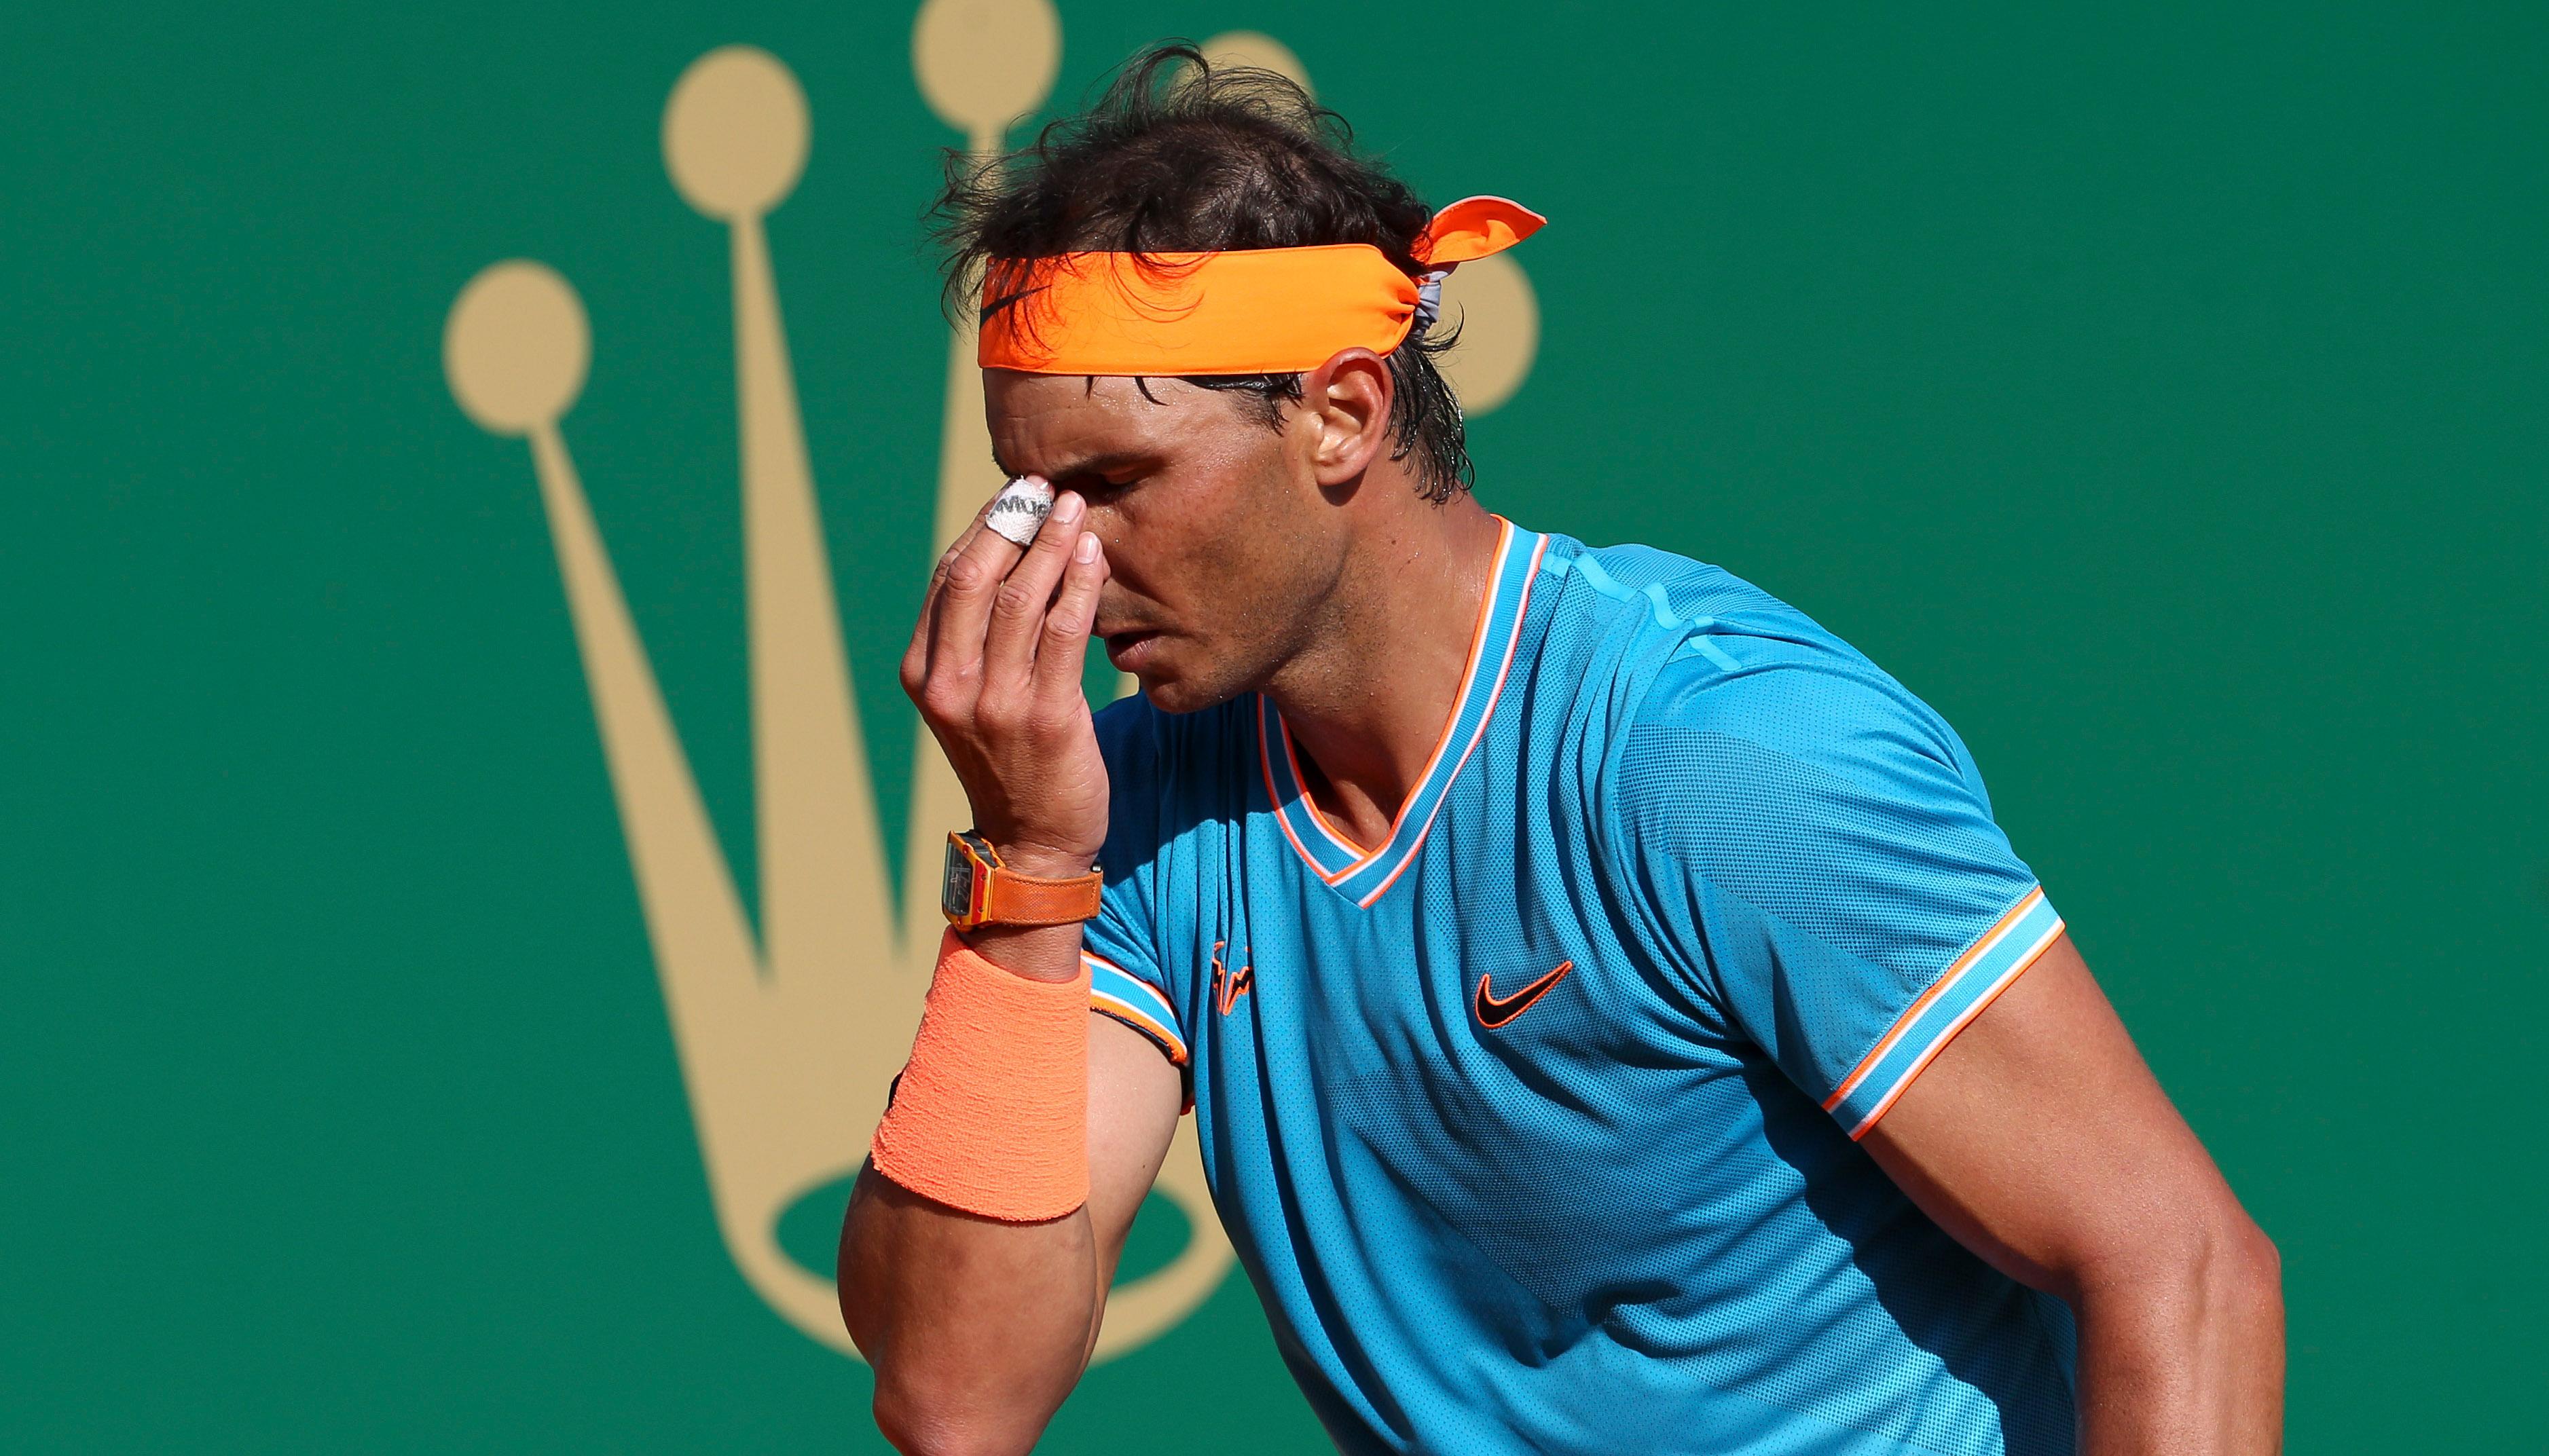 Rafael Nadal: Bröckelt die Sandplatzdominanz?